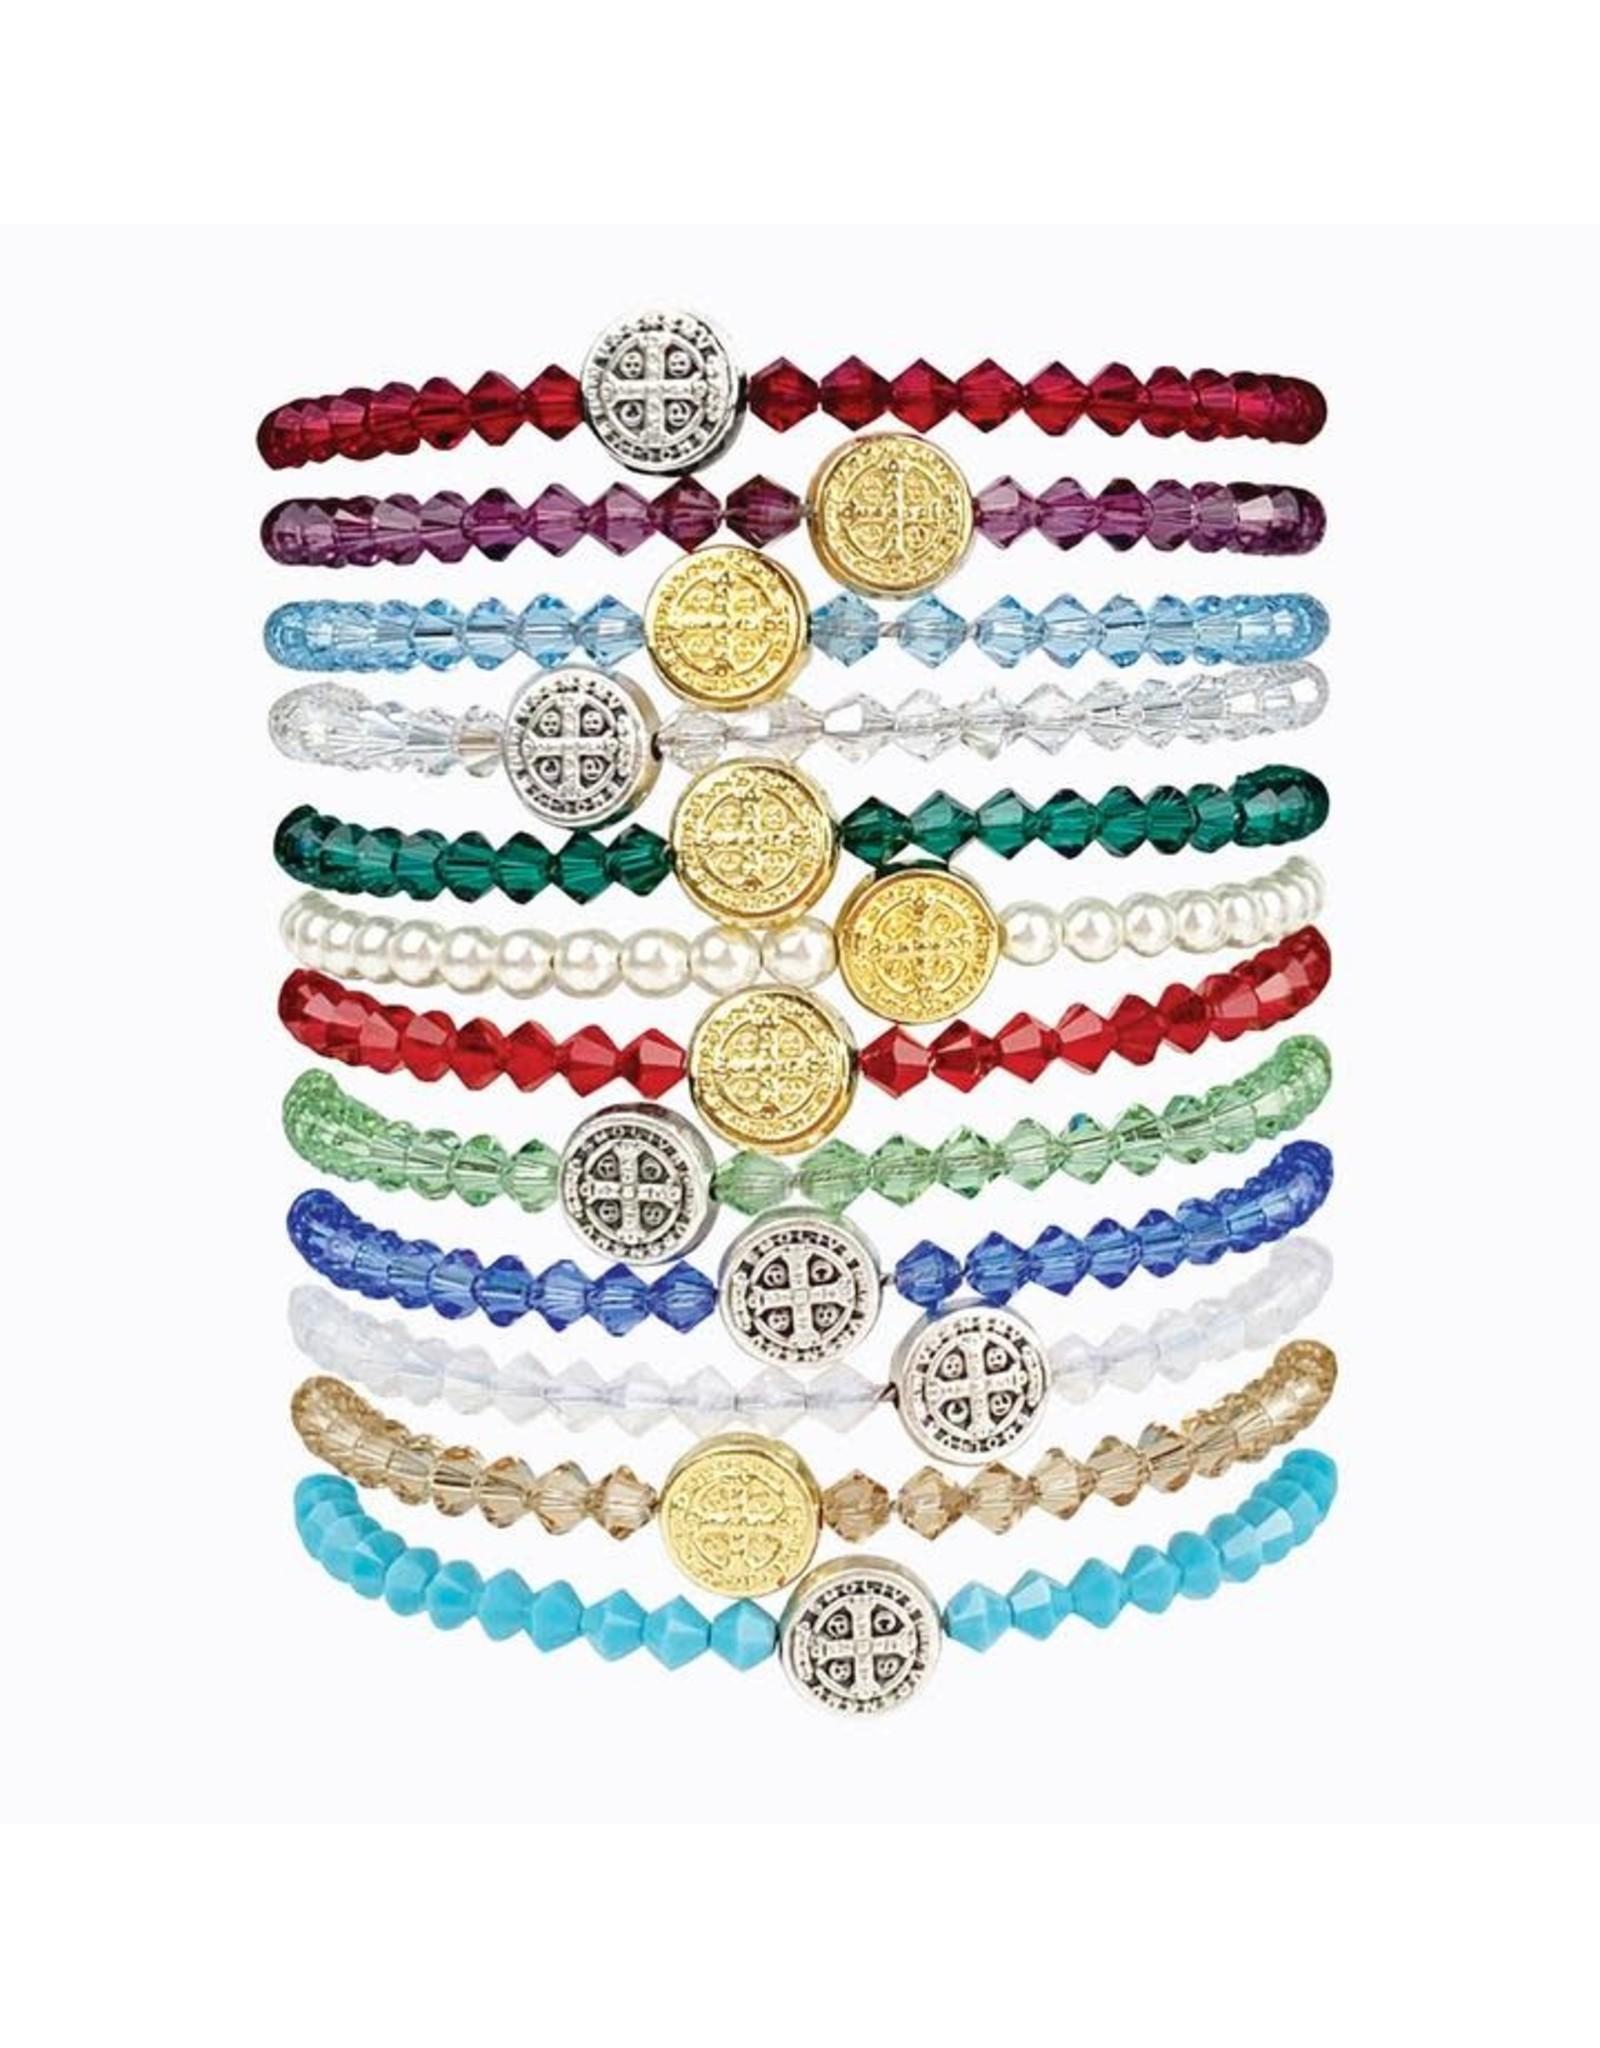 MSMH Birthday Blessing Bracelet- February Gold